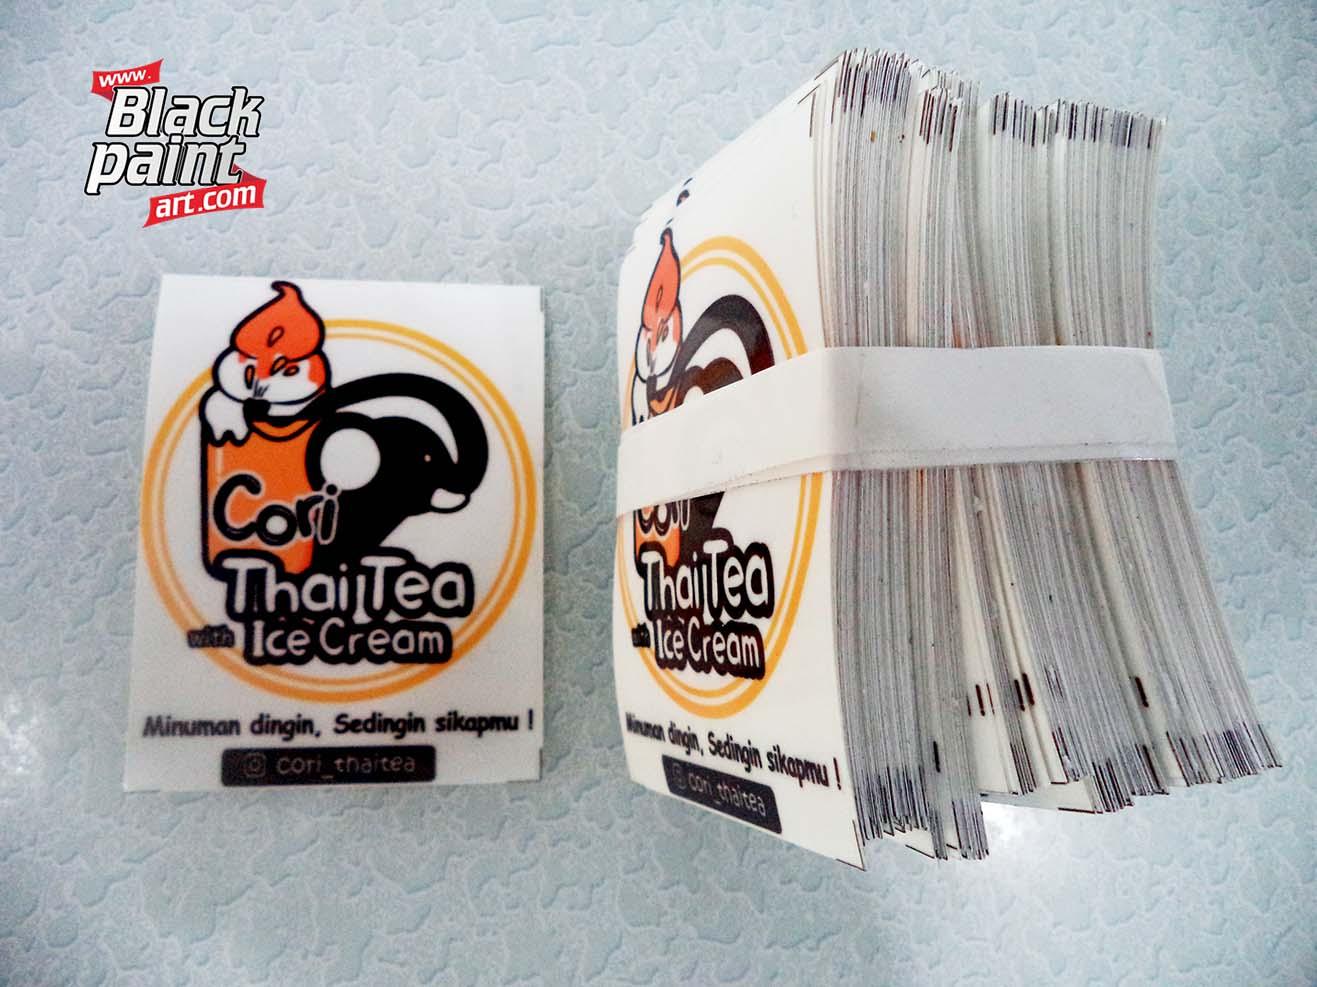 340 cetak sticker pekanbaru.jpg